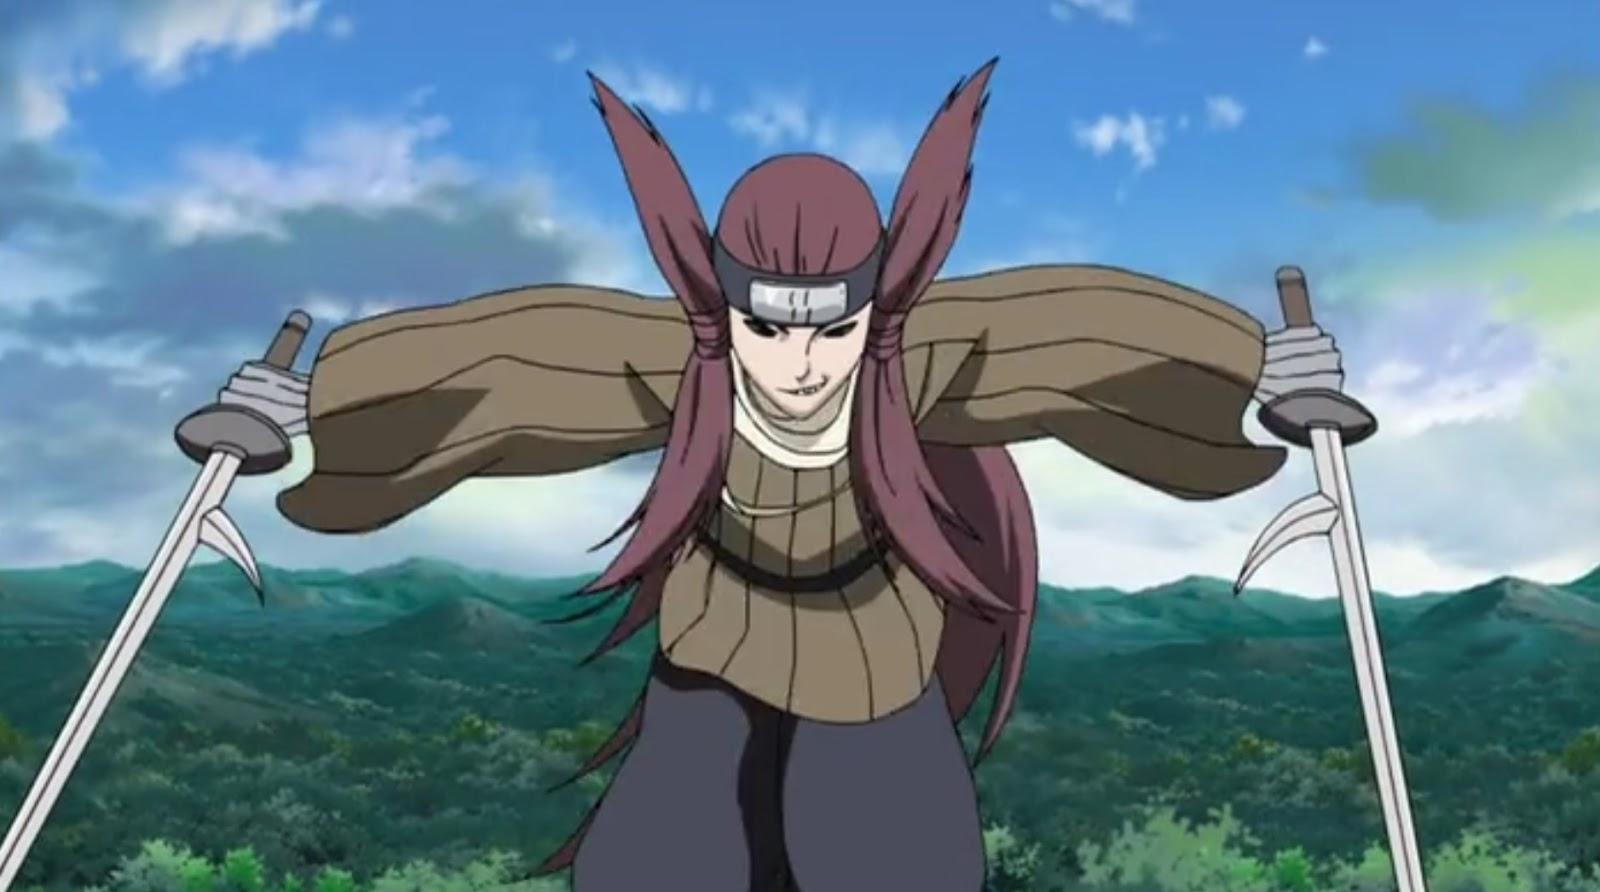 Naruto Shippuden Episódio 289, Assistir Naruto Shippuden Episódio 289, Assistir Naruto Shippuden Todos os Episódios Legendado, Naruto Shippuden episódio 289,HD